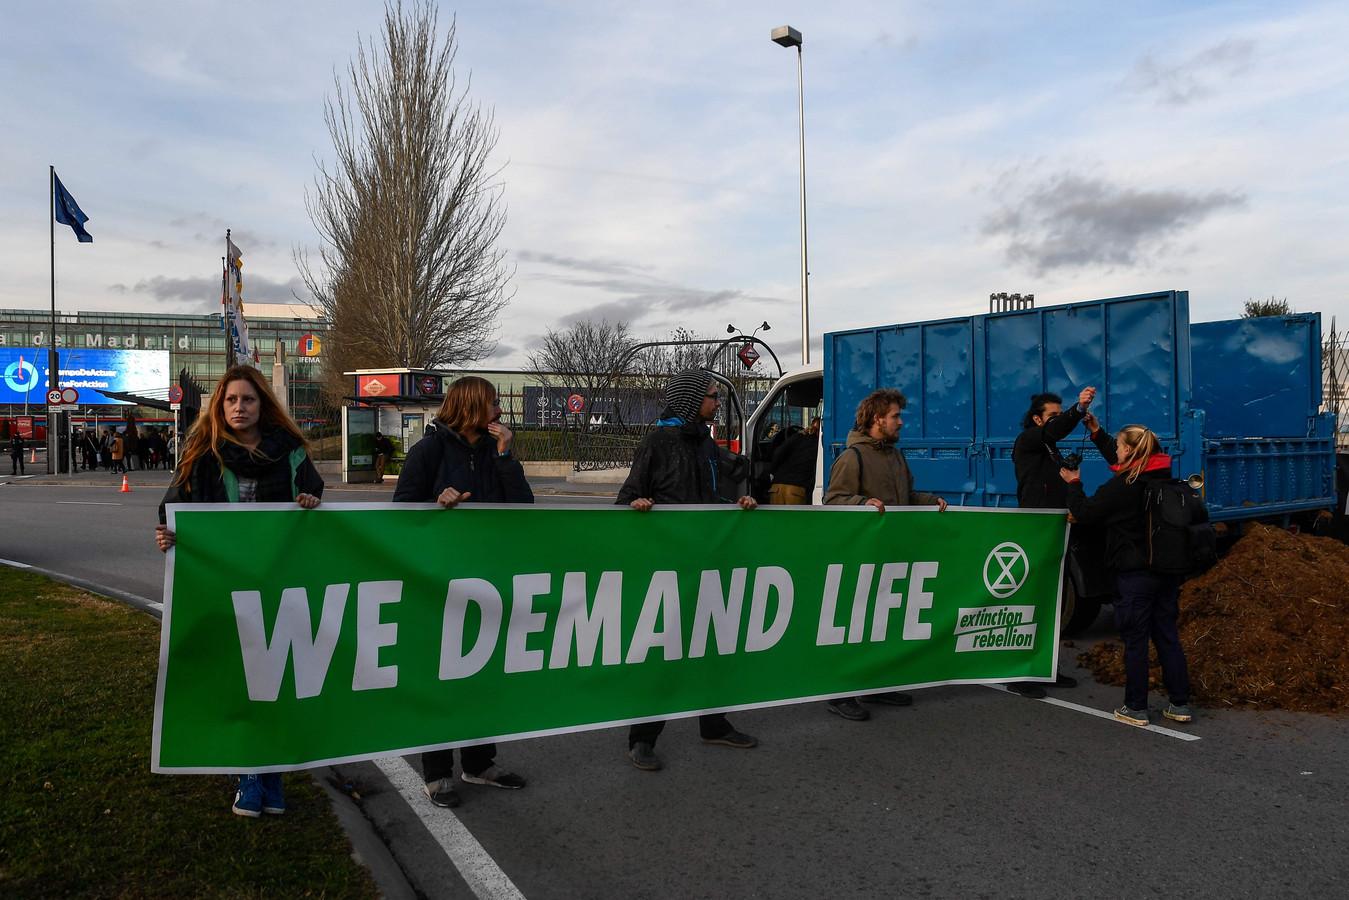 Activisten van de groep Extinction Rebellion stortten uit protest kunstmest voor de deur van het conferentiecentrum in Madrid.